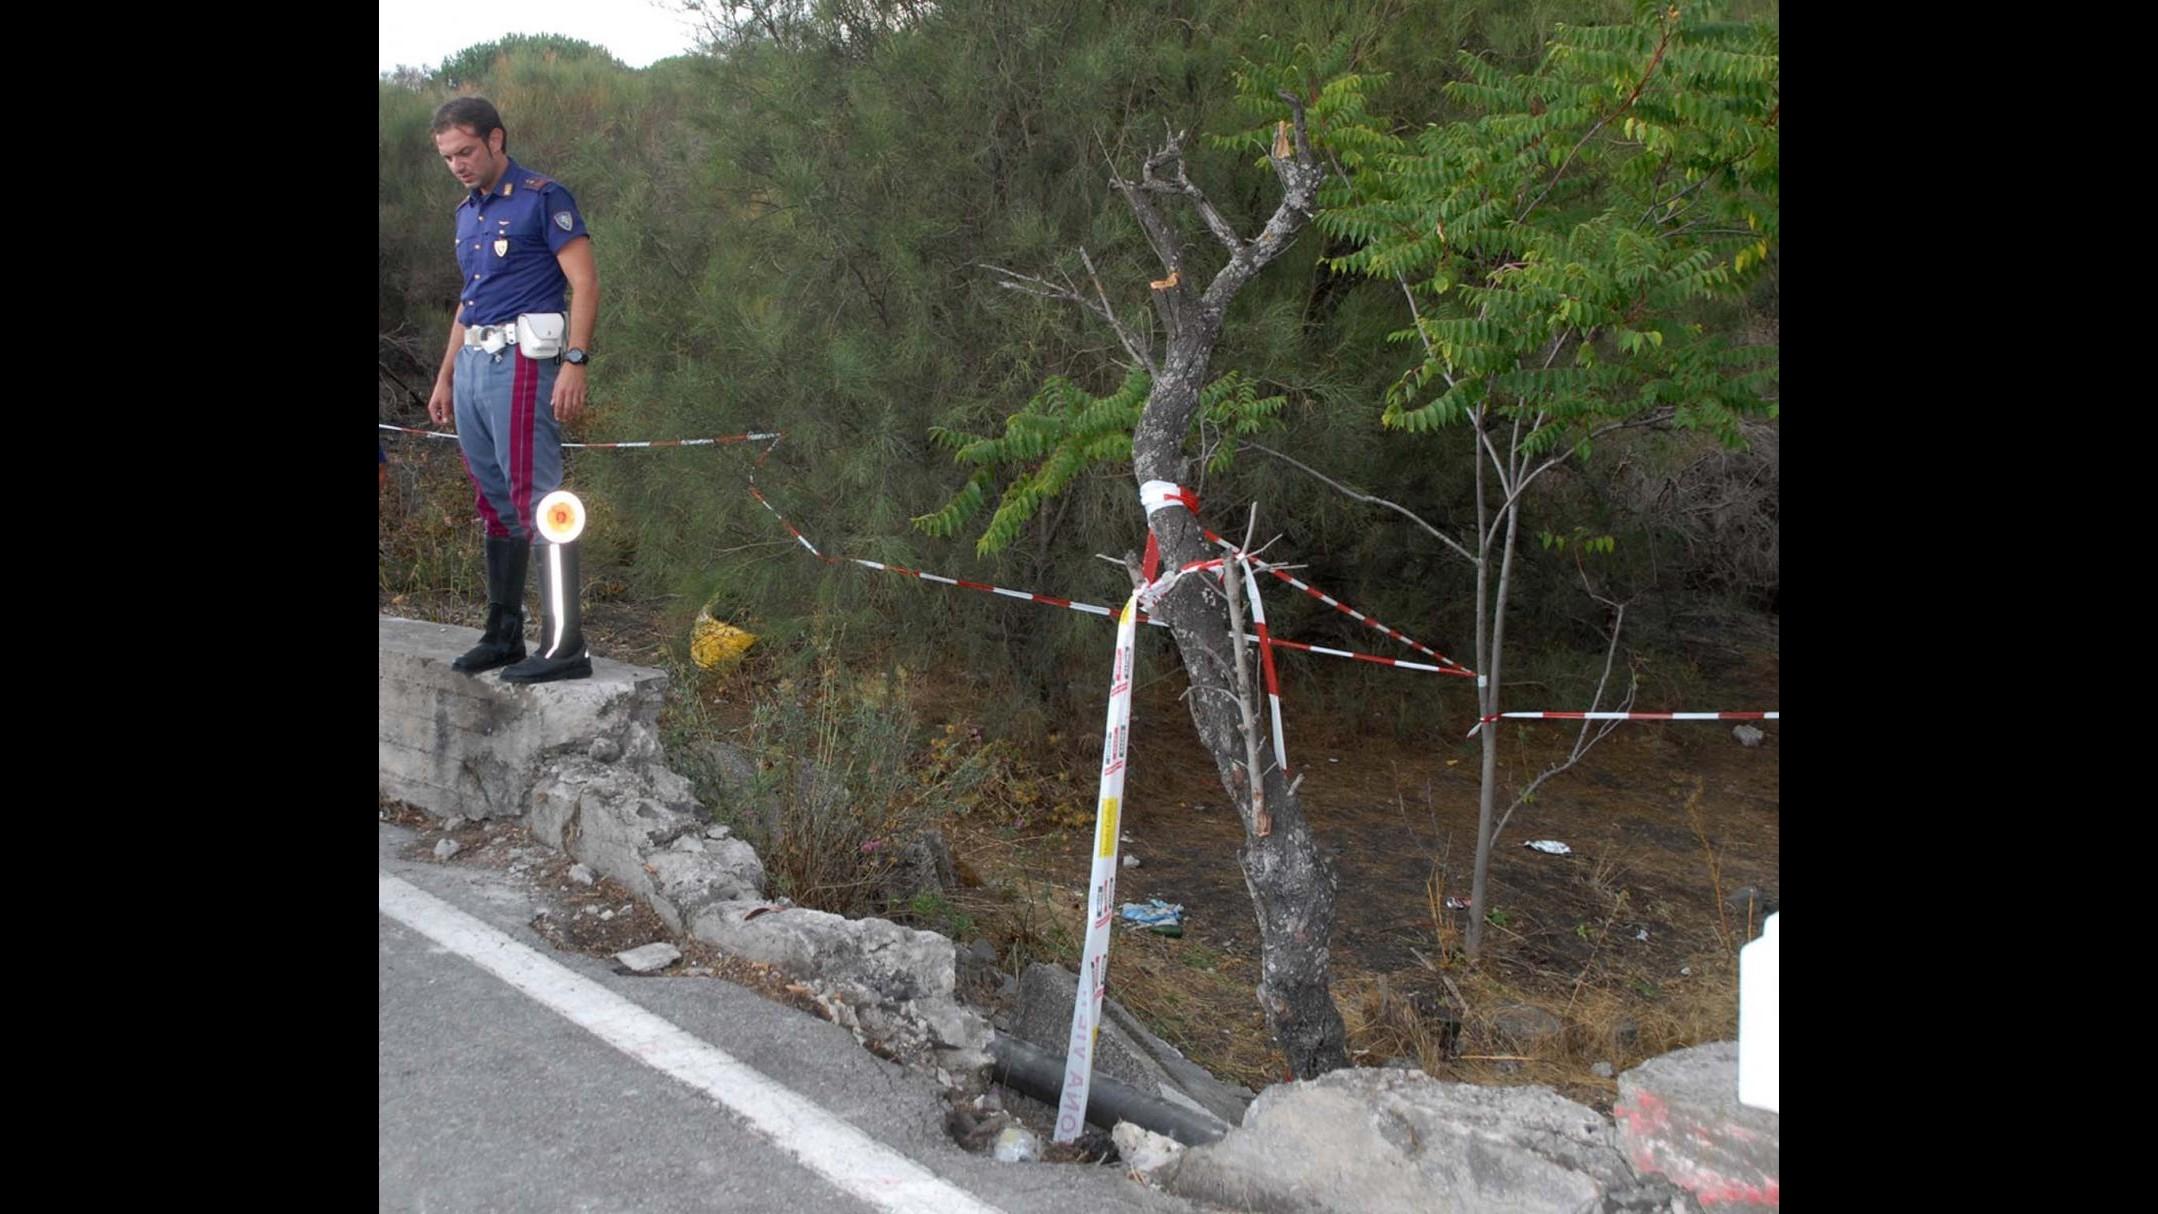 Forlì, auto finisce in un fossato: feriti tre giovani, uno è grave